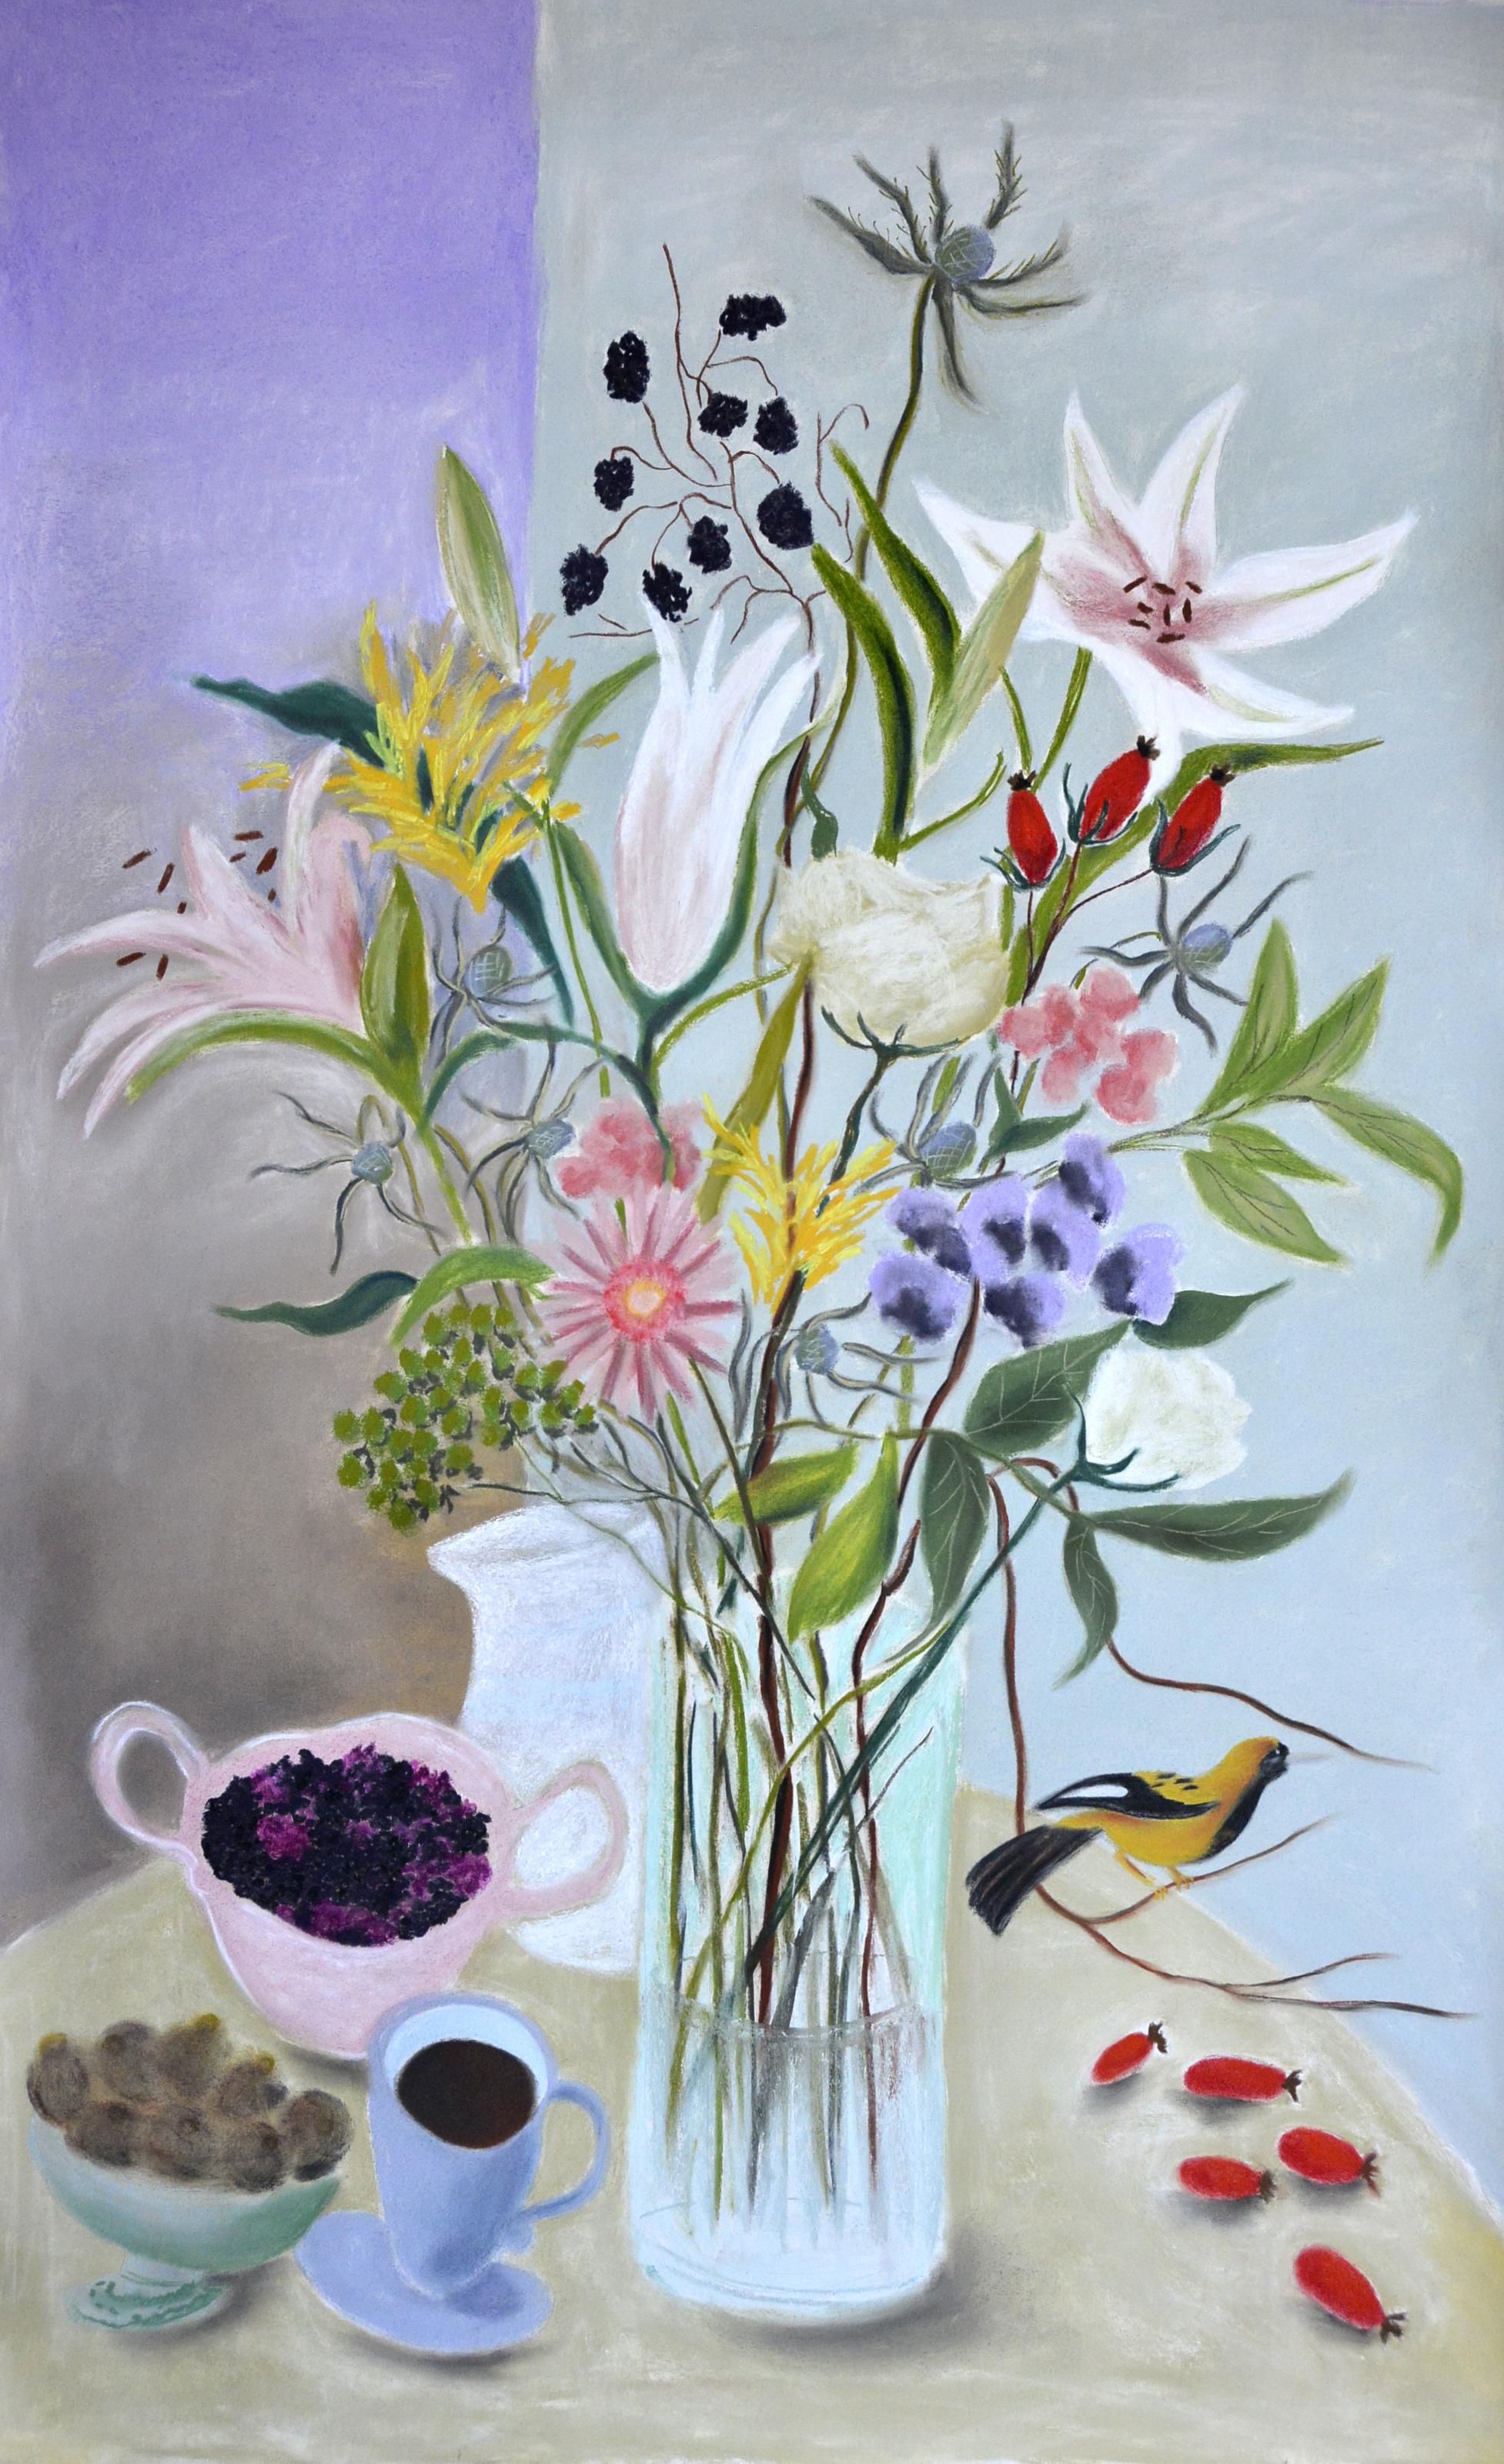 Lillies and Blackberries.jpg